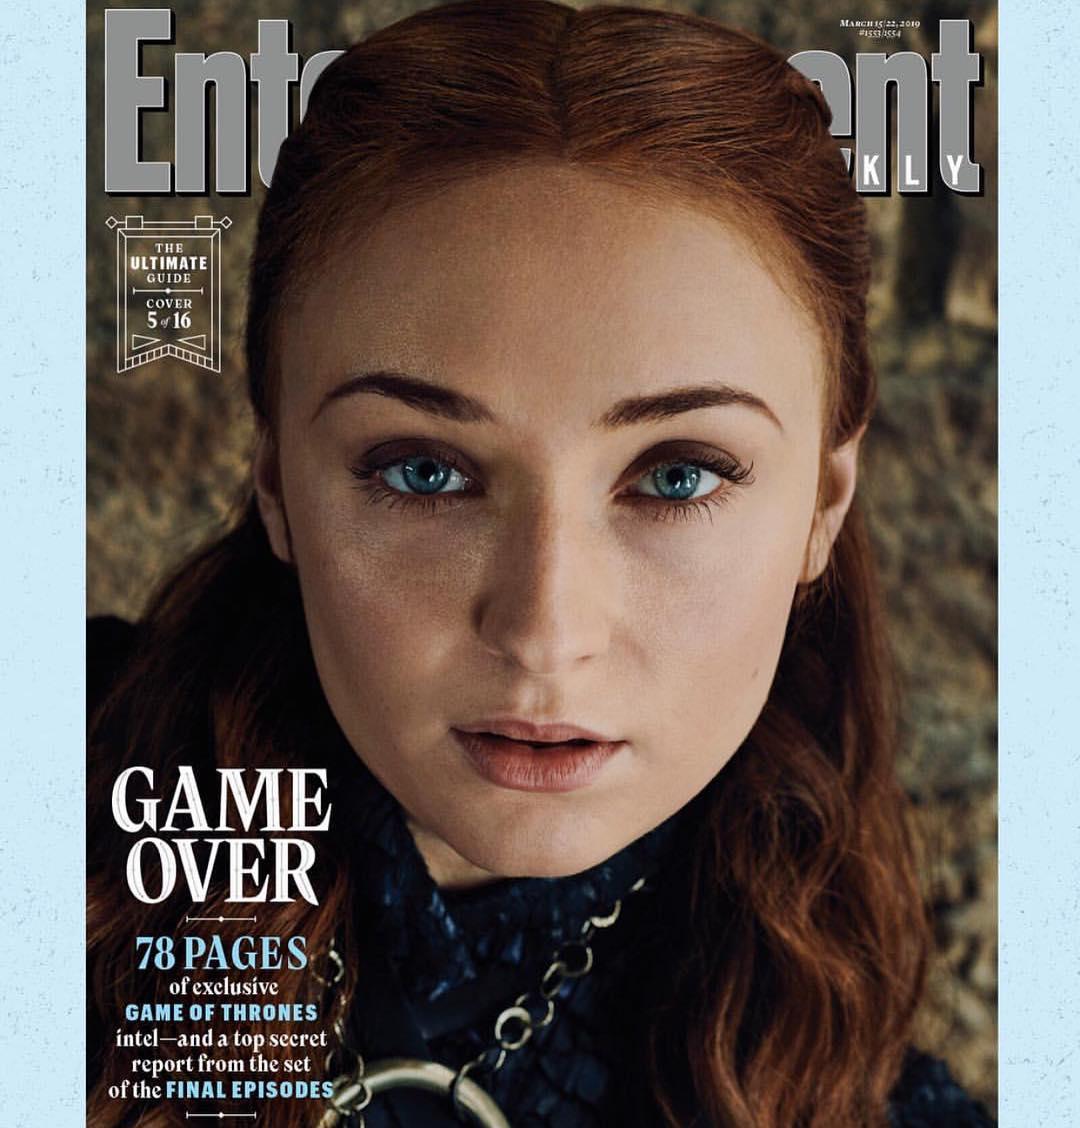 Герои финального сезона «Игры престолов» на обложке Entertainment Weekly